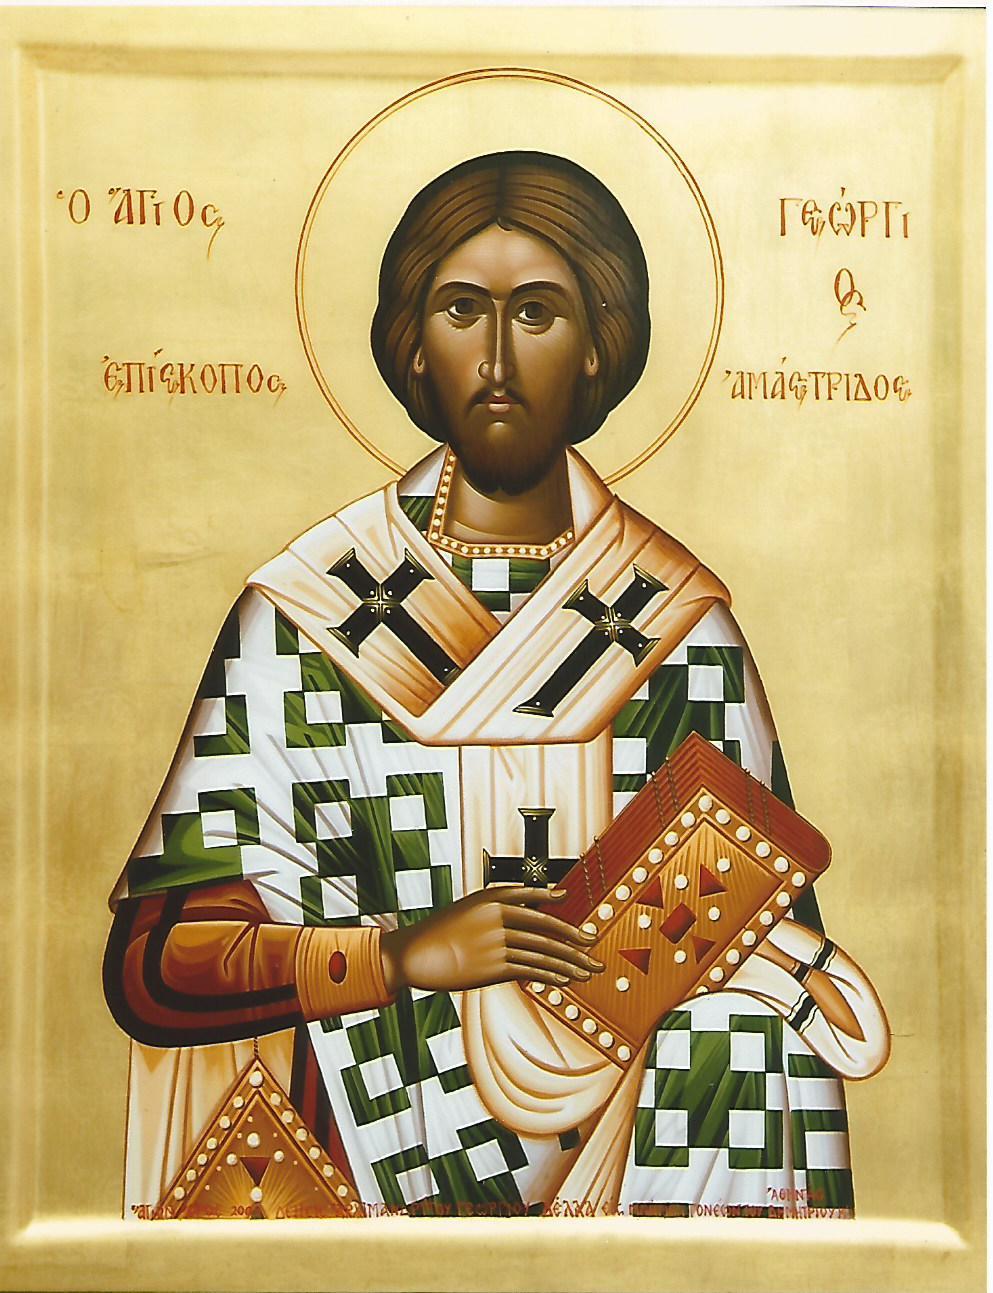 Άγιος Γεώργιος επίσκοπος Αμάστριδος